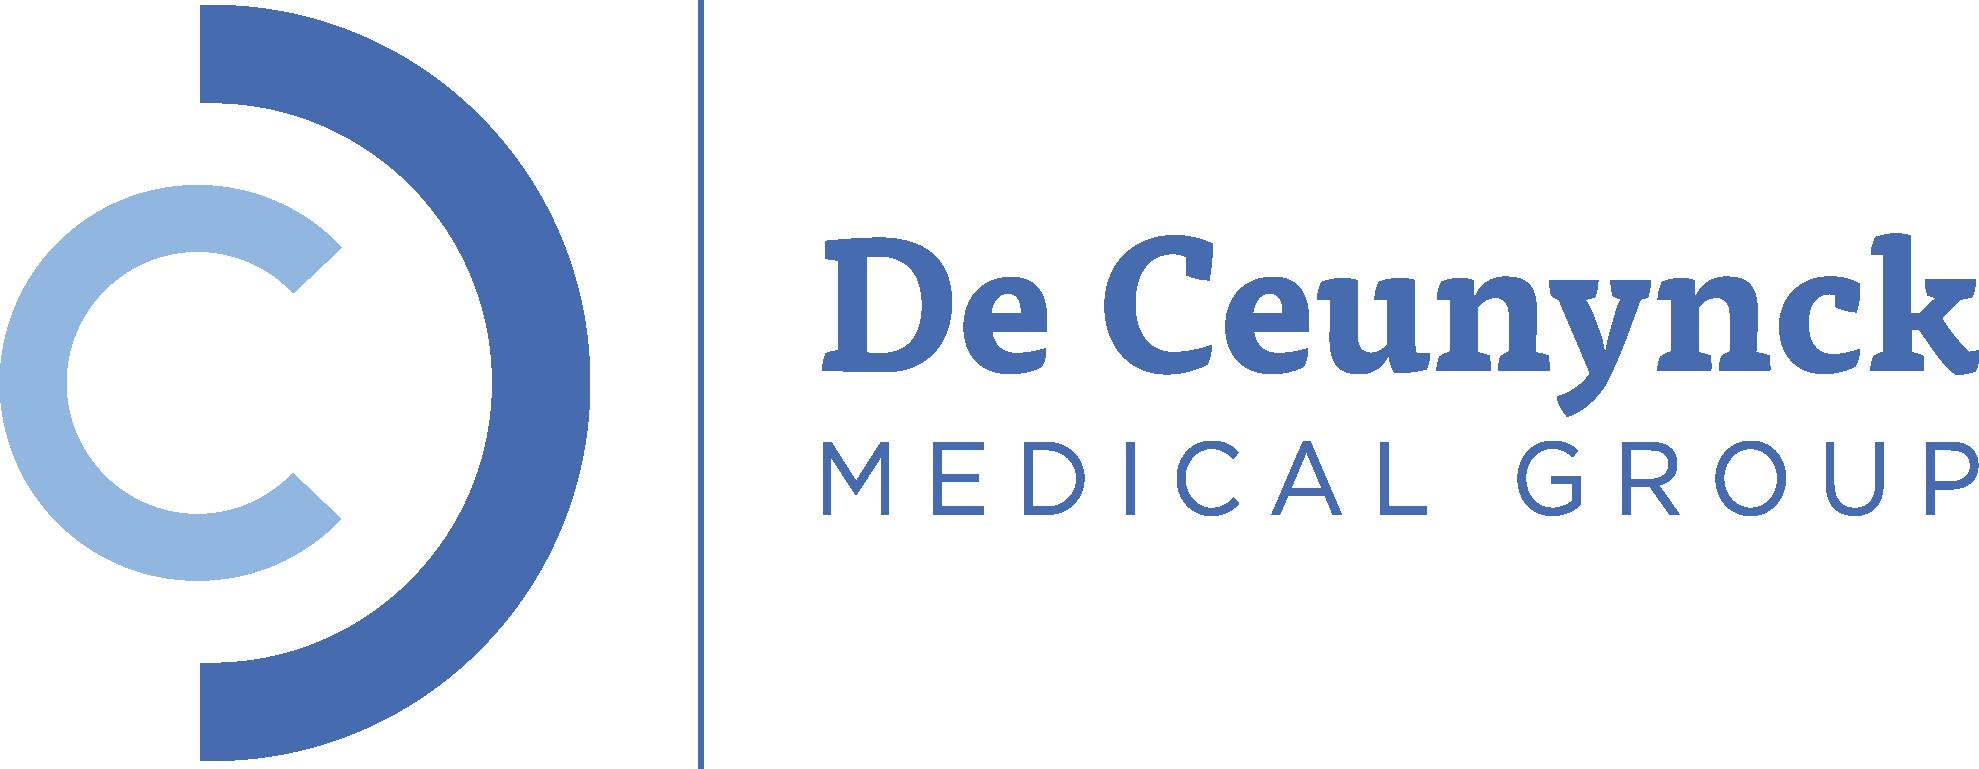 De Ceunynck Medical Group